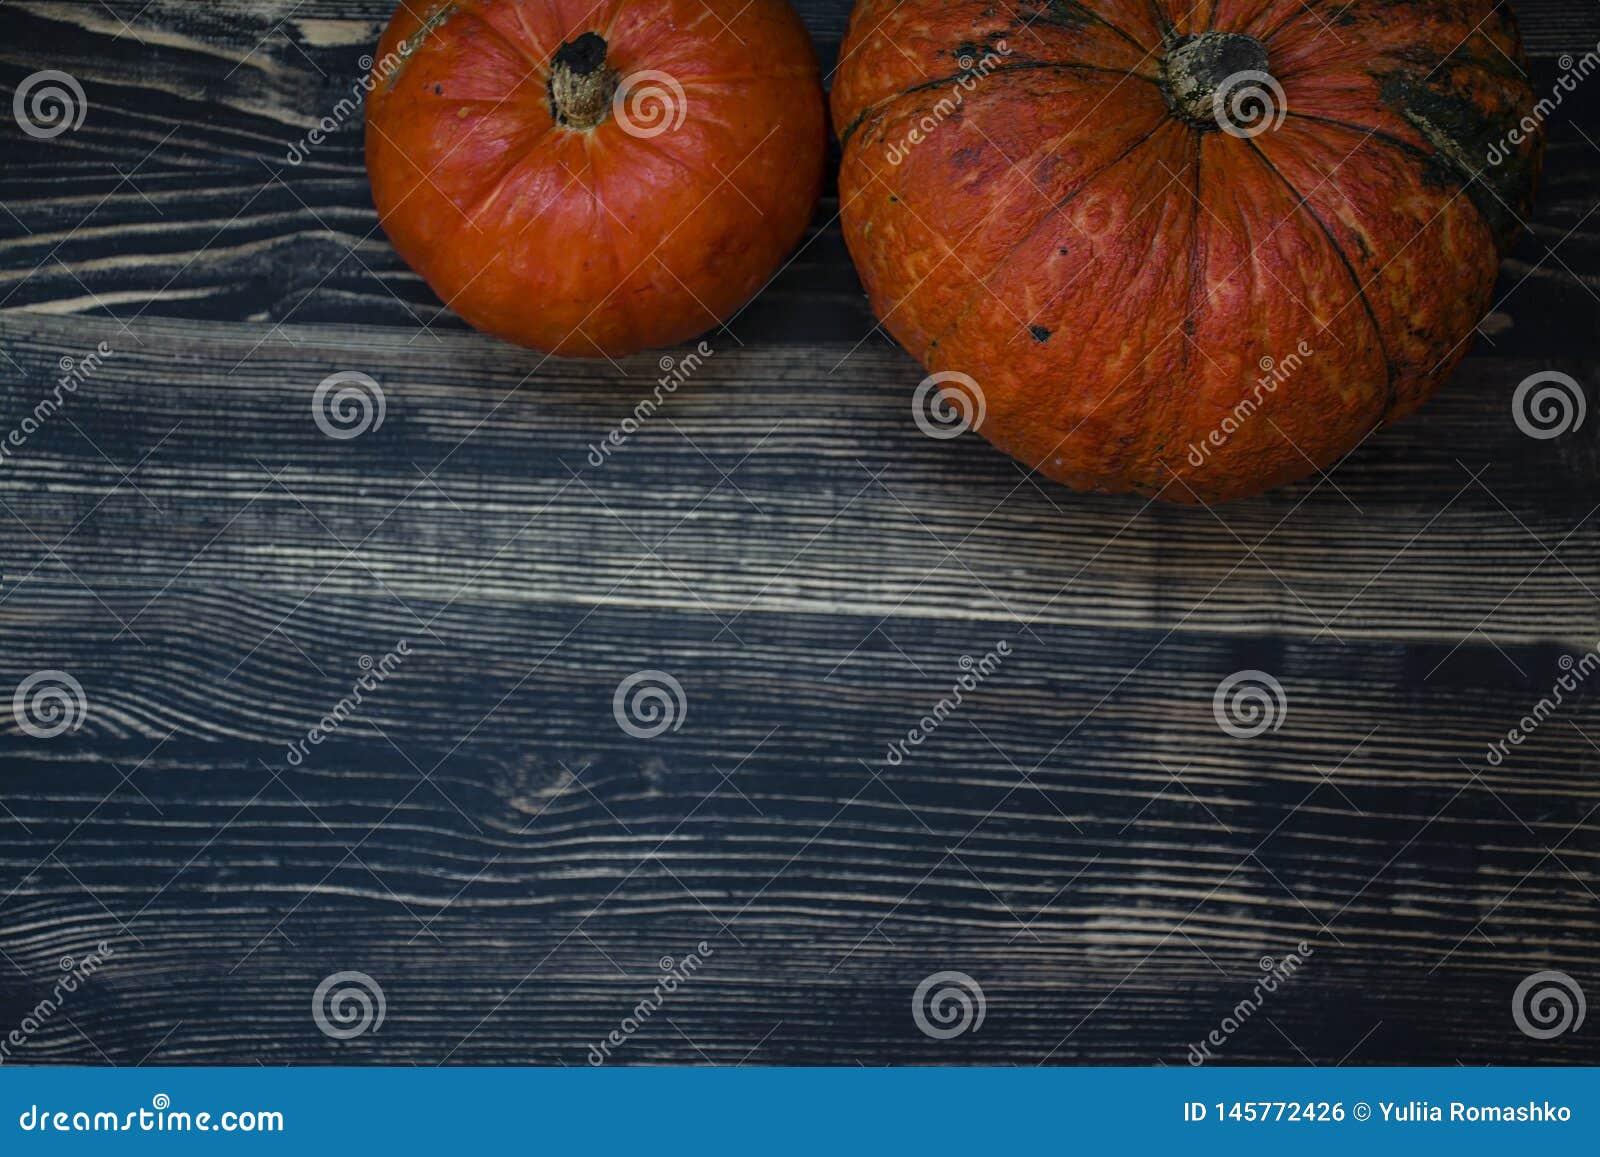 Pumpkin on a dark wooden background